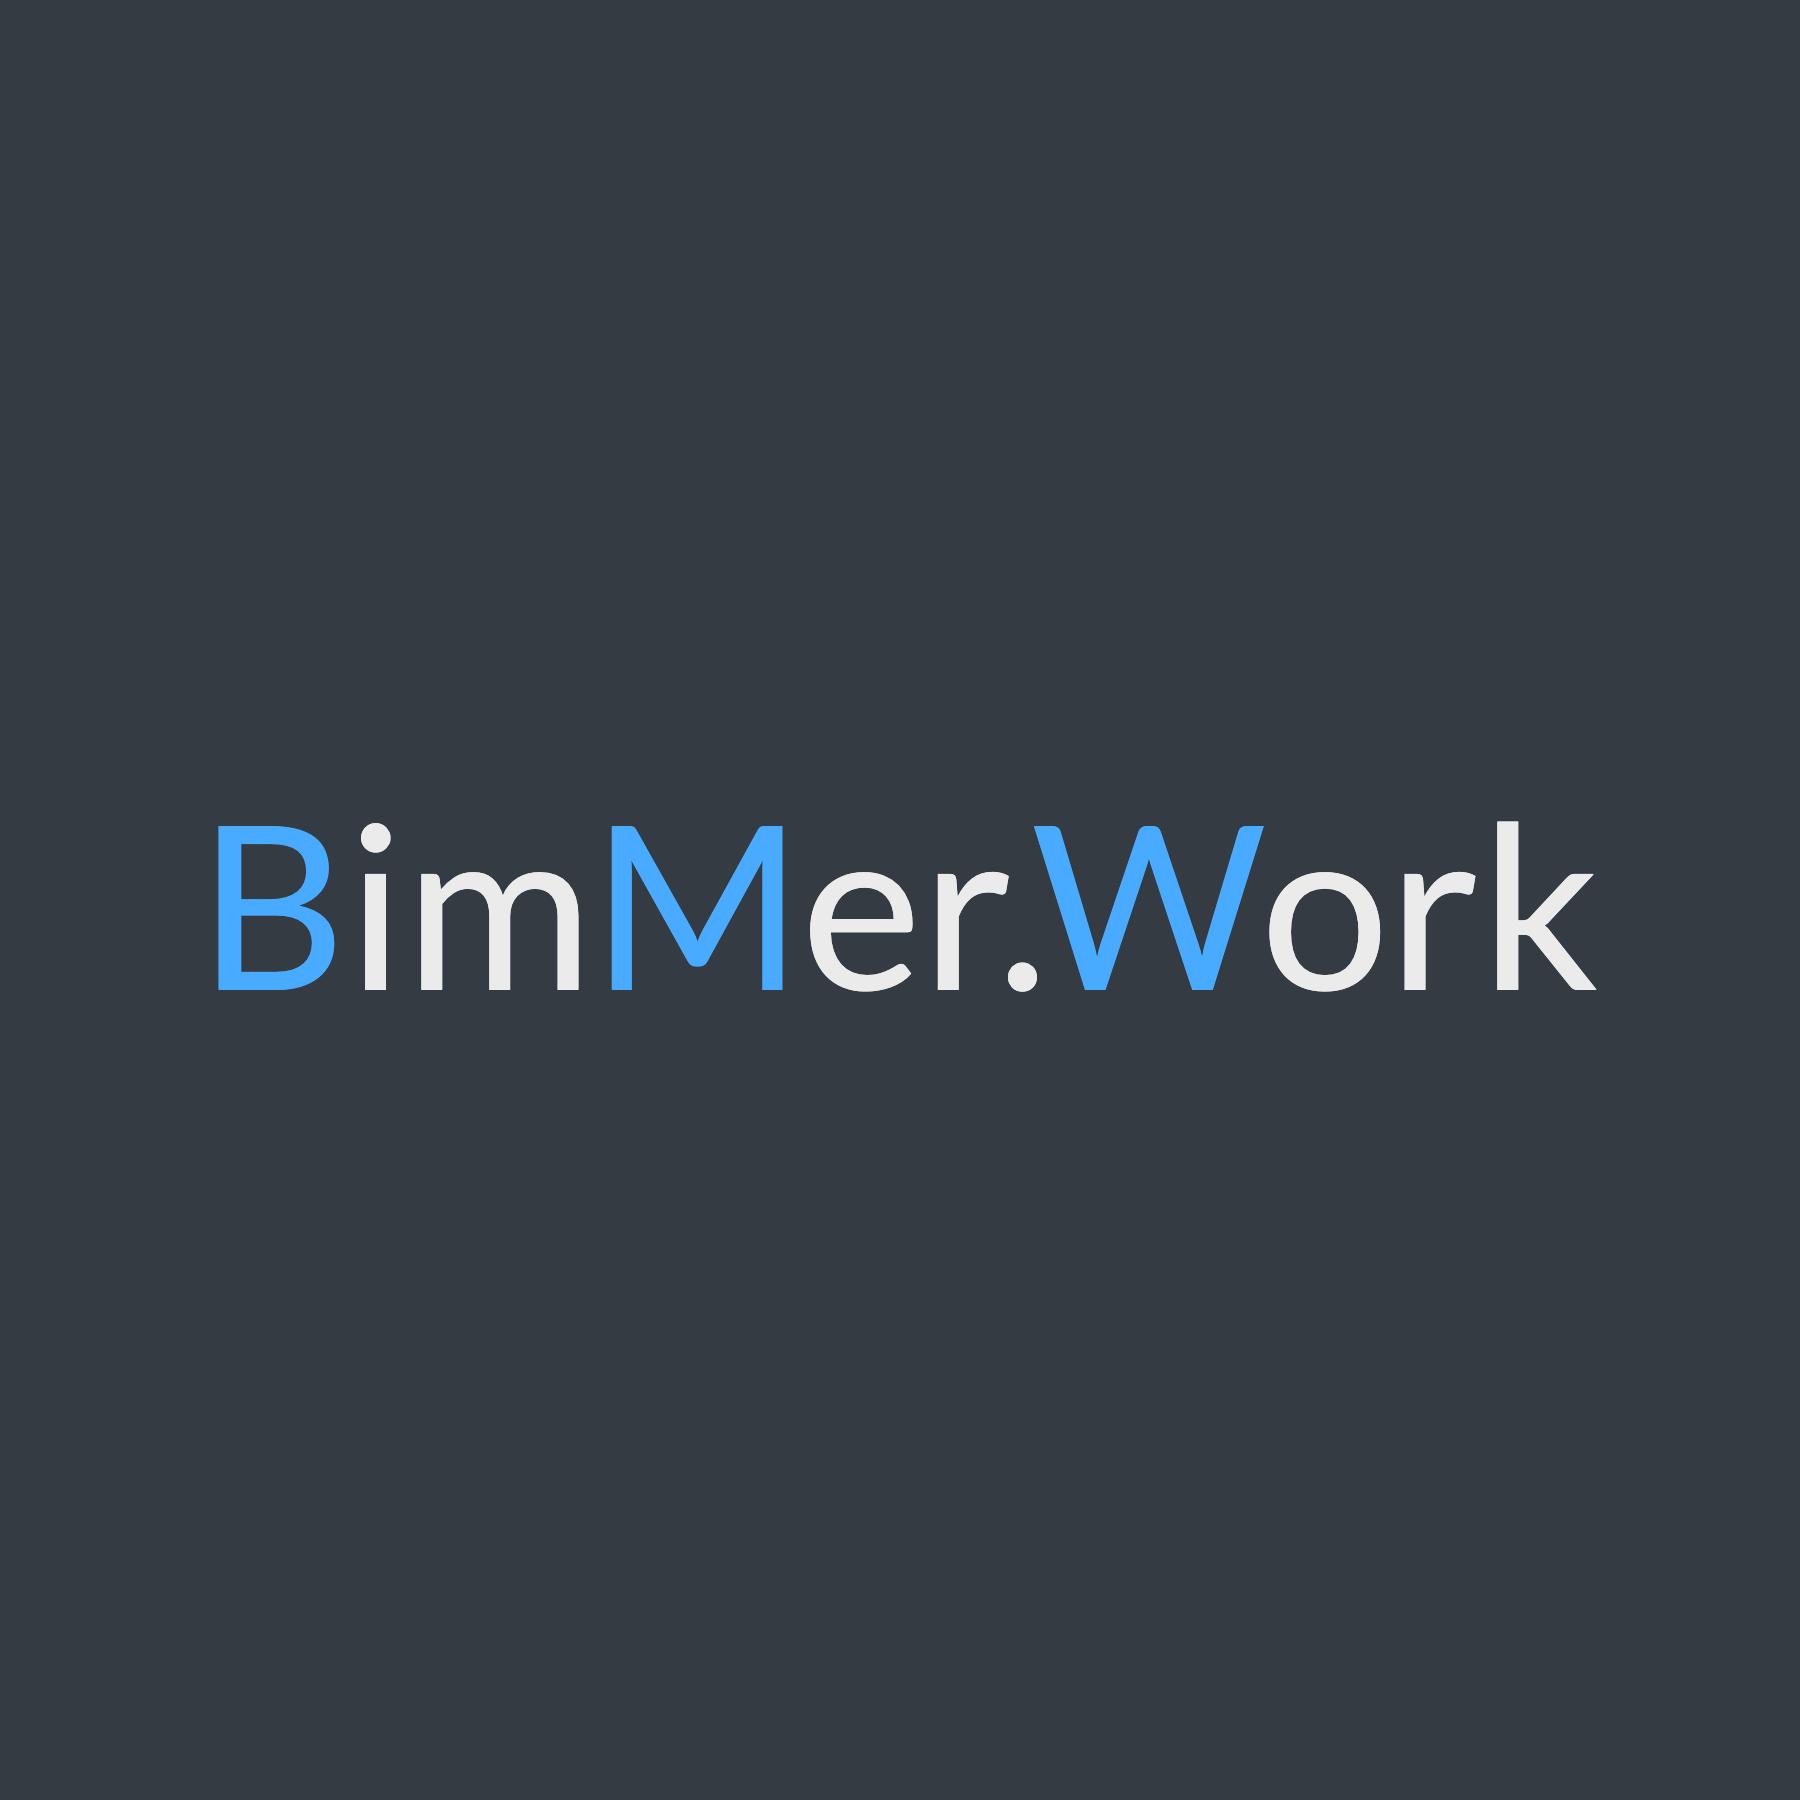 bimmer.work